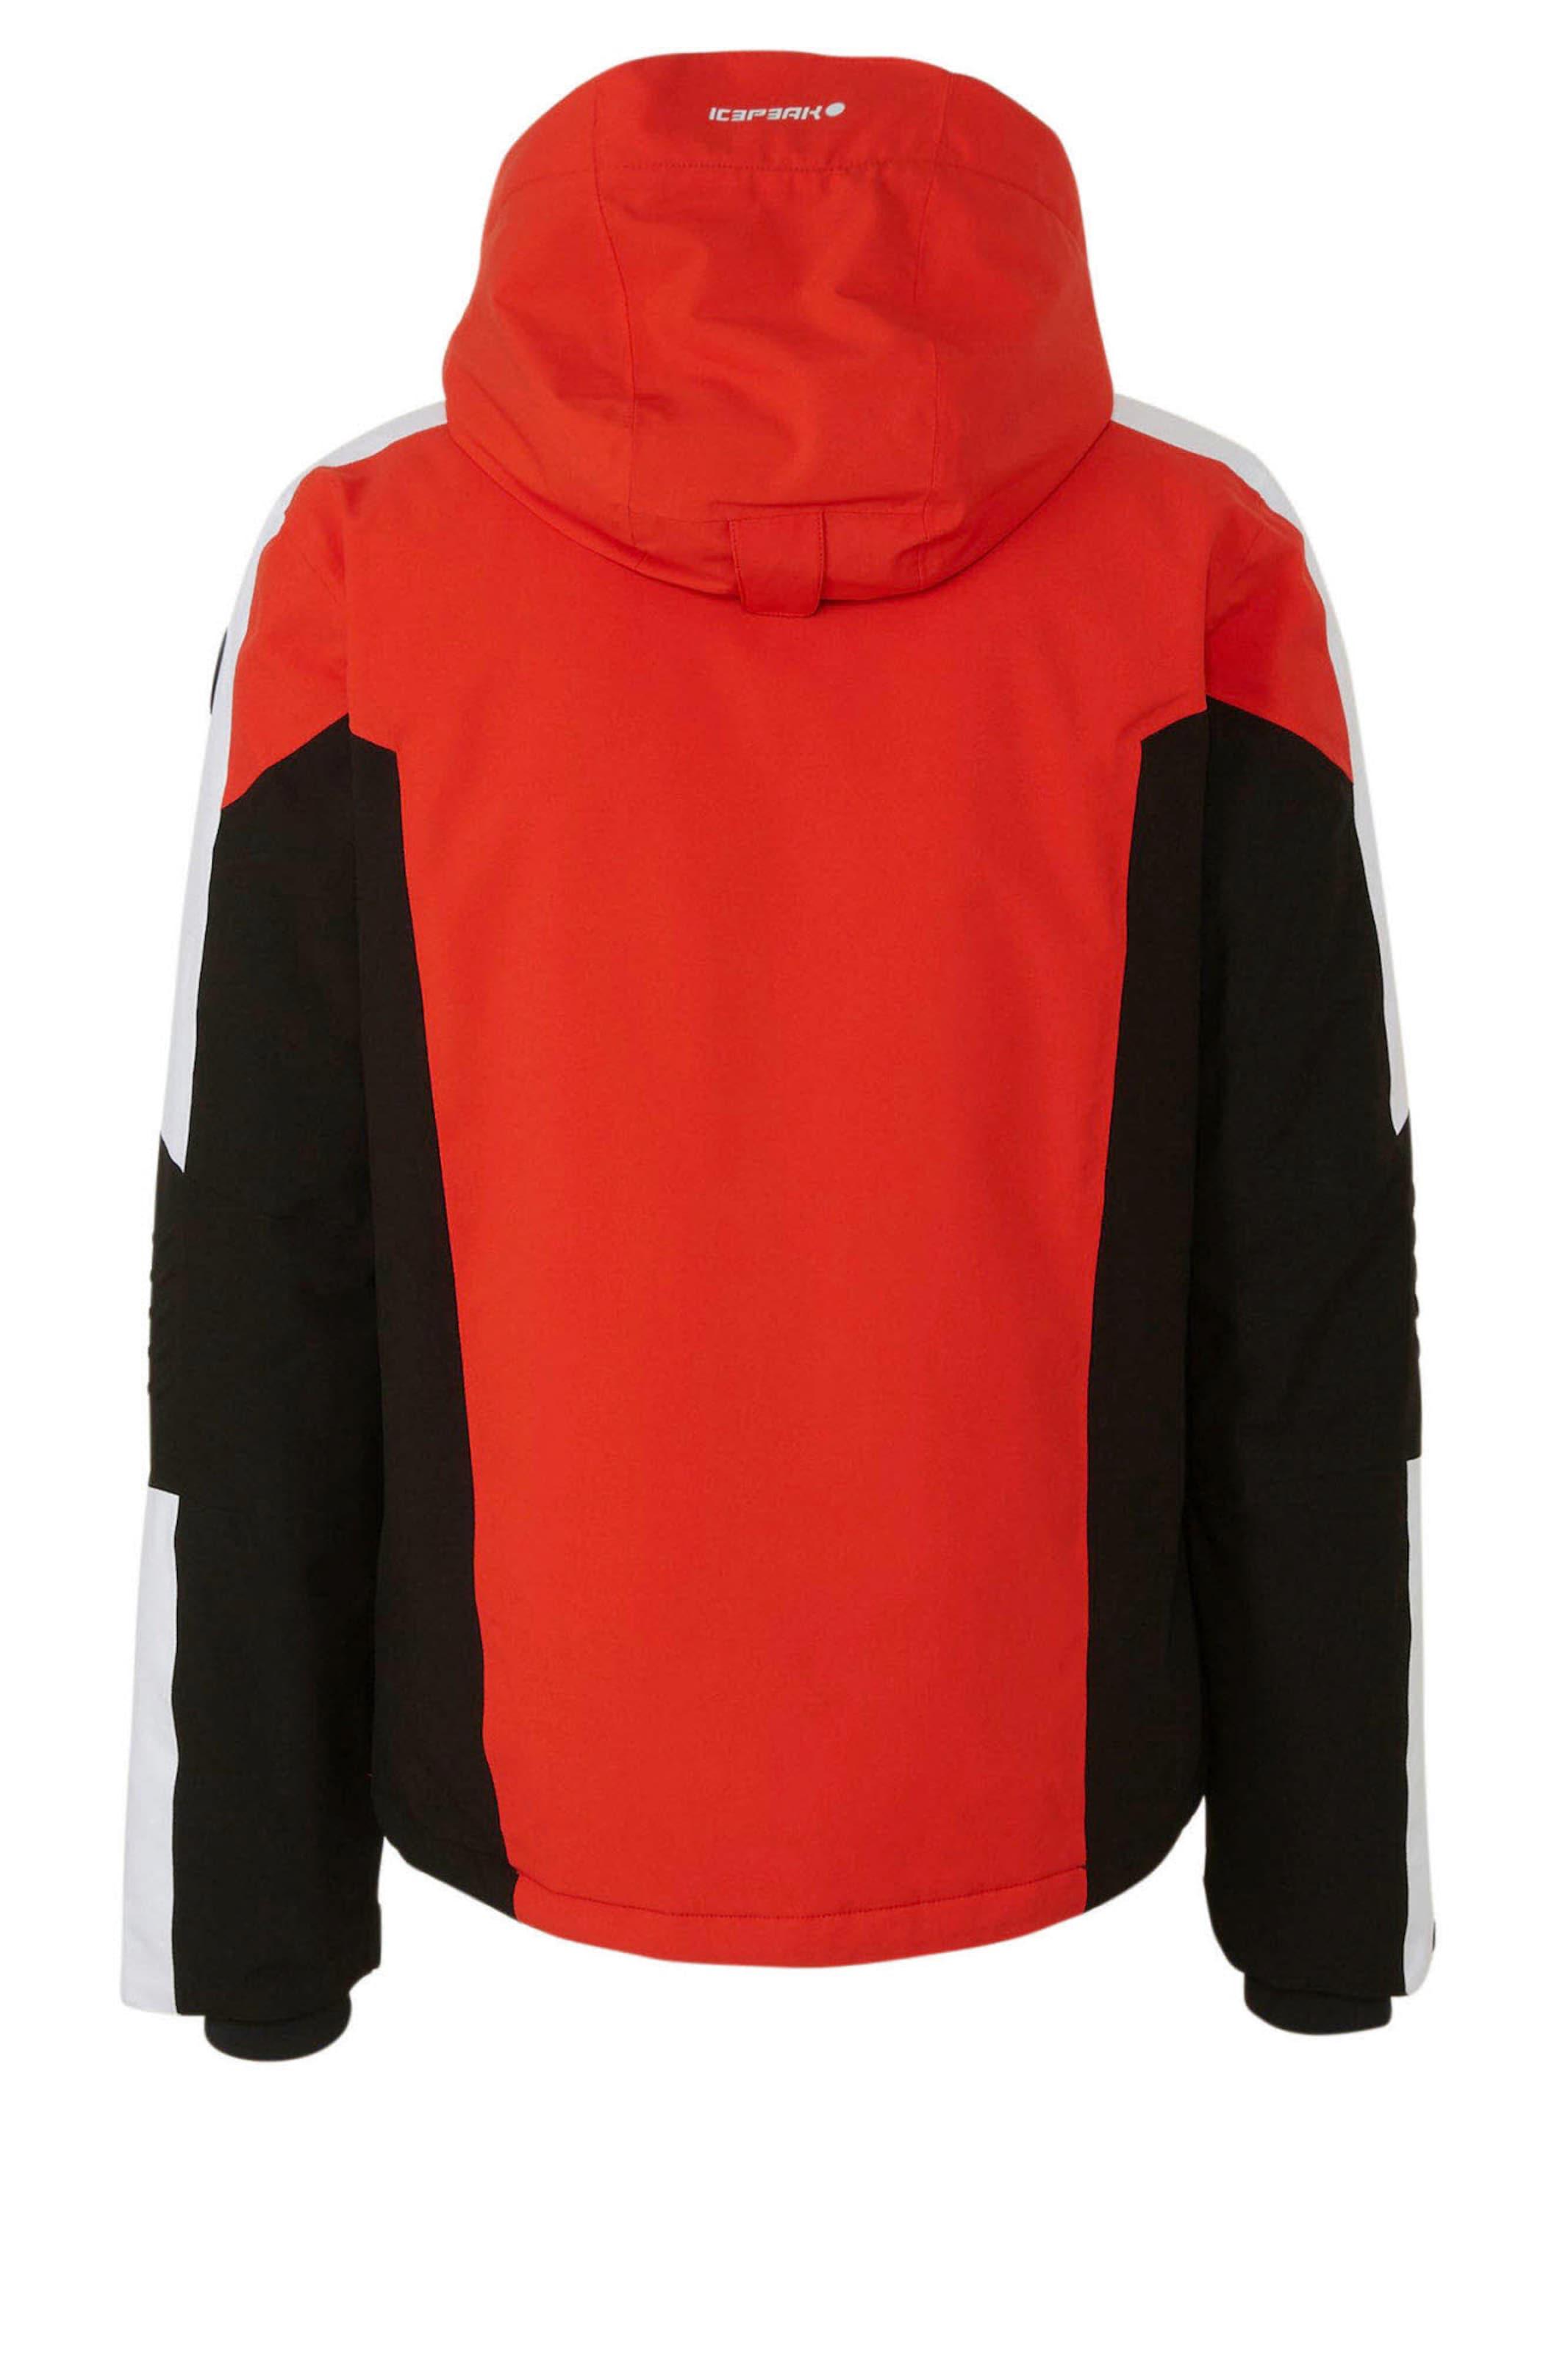 ICEPEAK Jacke 'Fieldon' in beige / orangerot / schwarz Gerader Saum 1-100198480-14Q-10